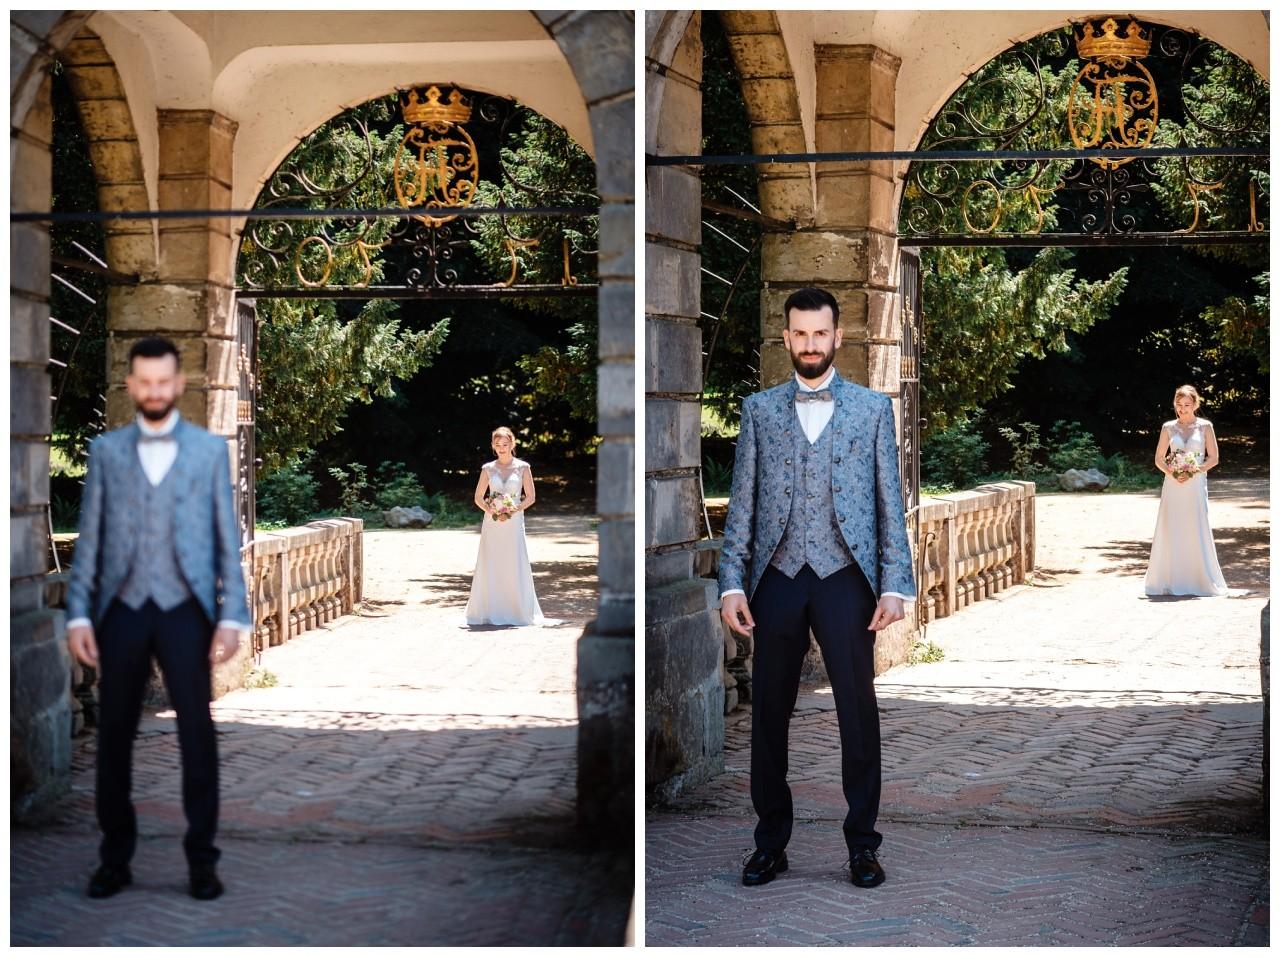 Hochzeit Nikolaus Kloster Juechen Standesamt Trauung Hochzeitsfotograf 18 - Standesamtliche Hochzeit im Nikolauskloster Jüchen